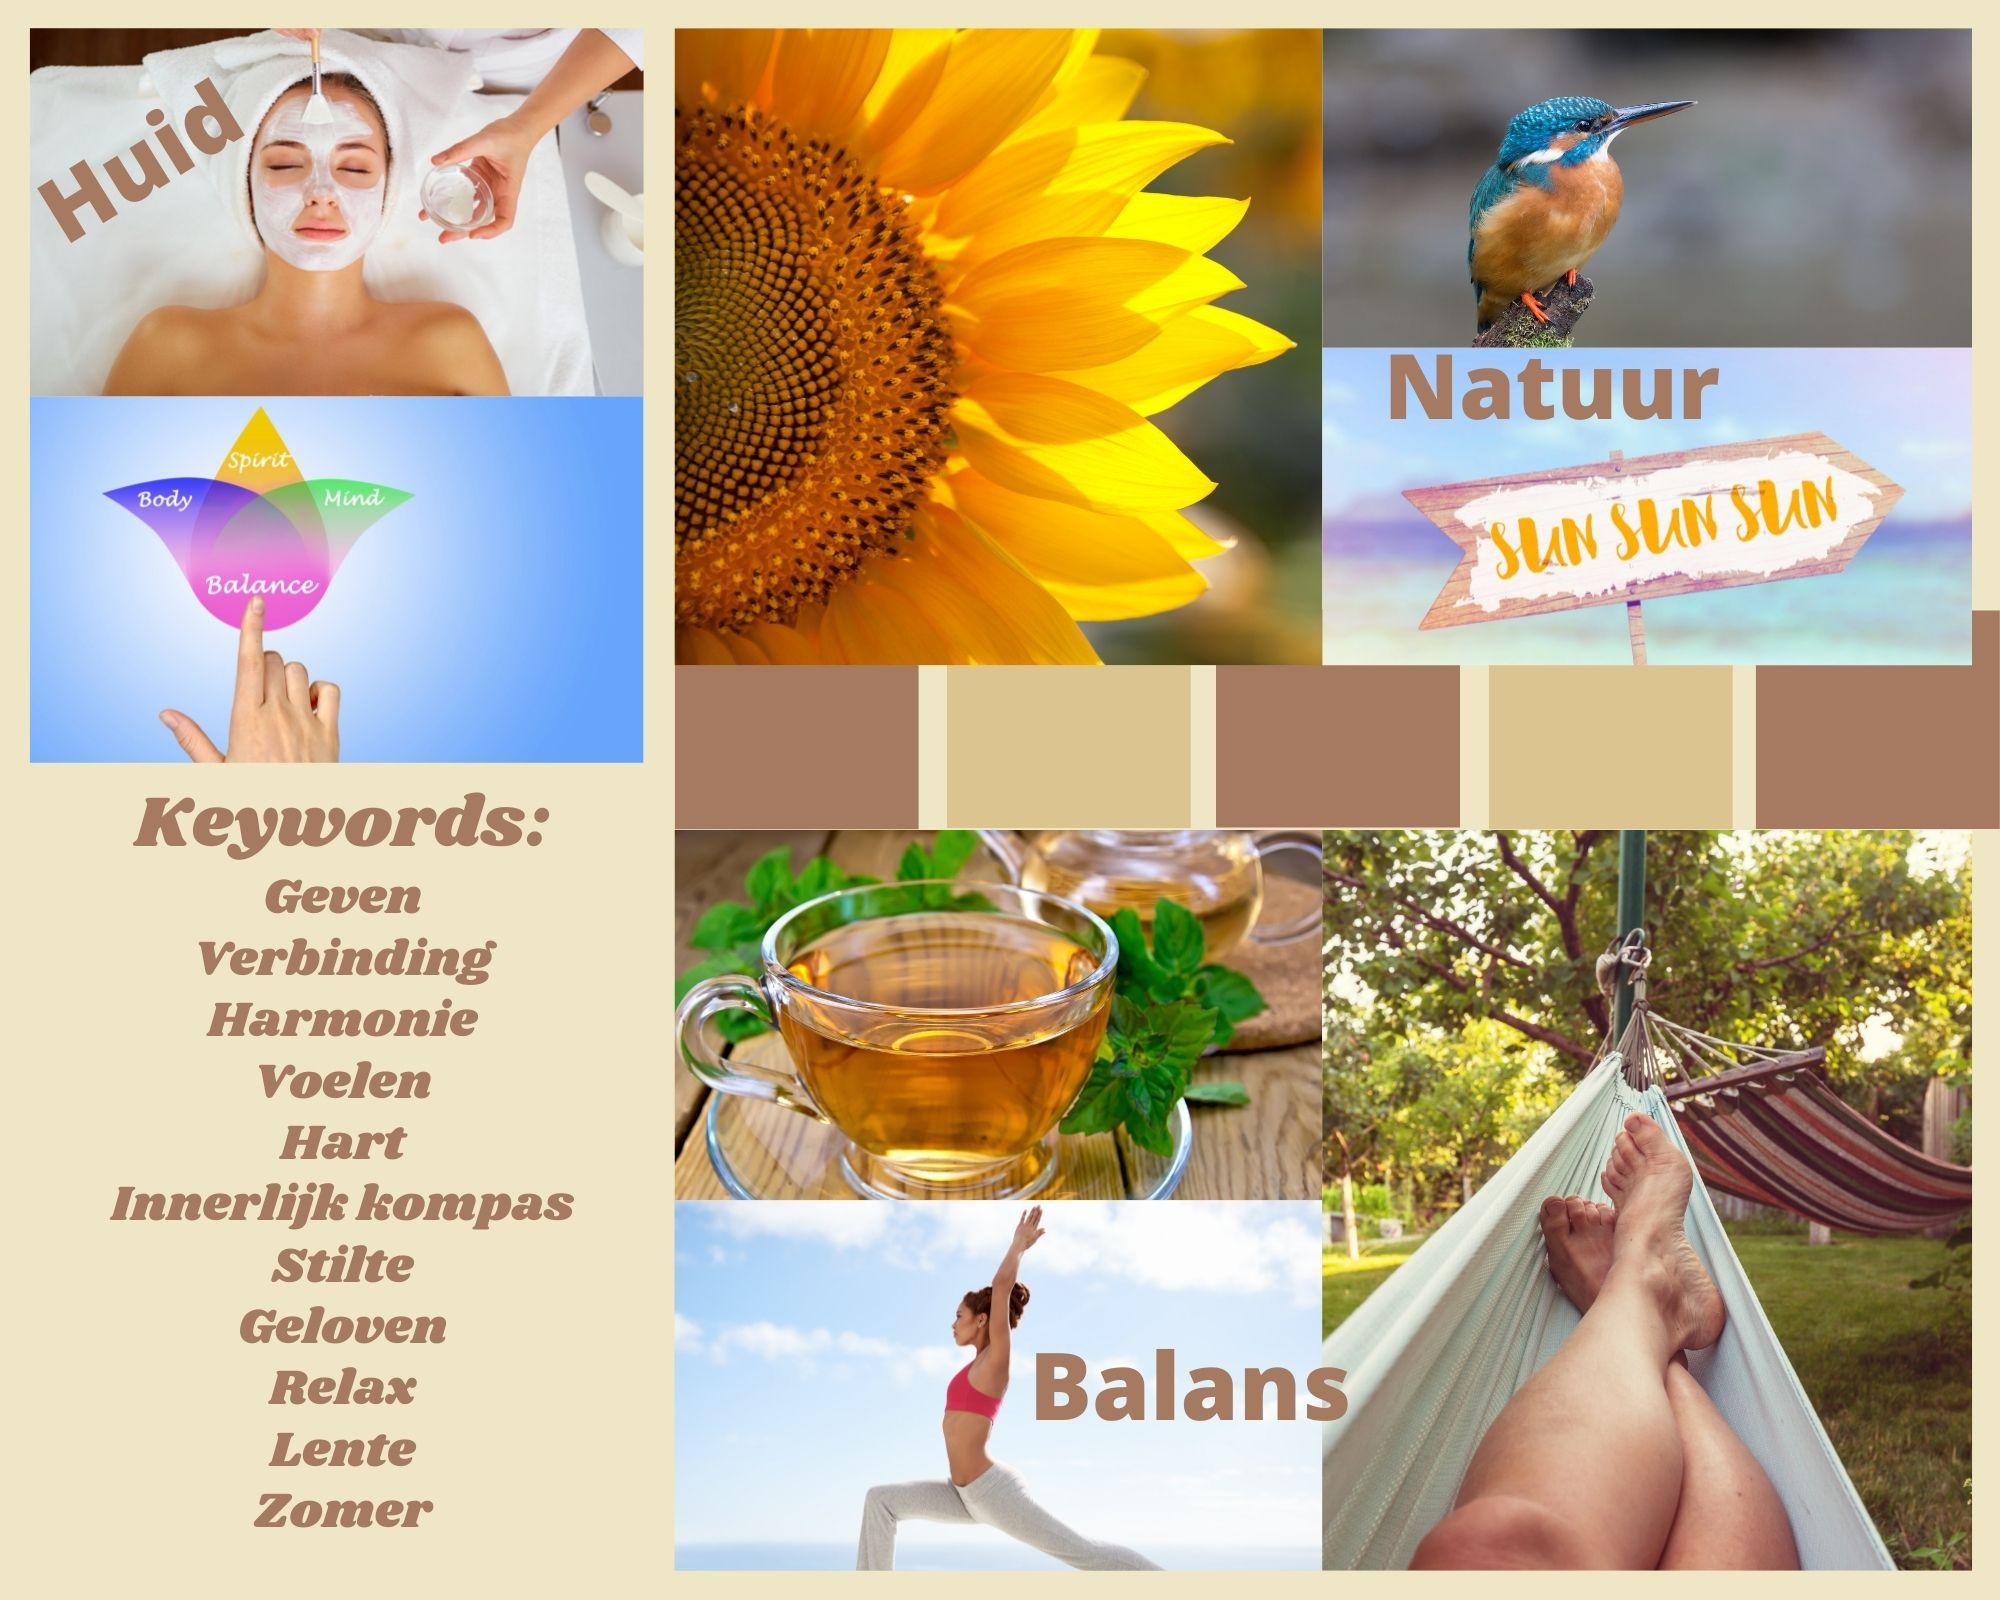 moodboard, balans, innerlijk kompas, geven, verbinding, harmonie, voelen, hart, stilte, geloven, relax, zomer, lente